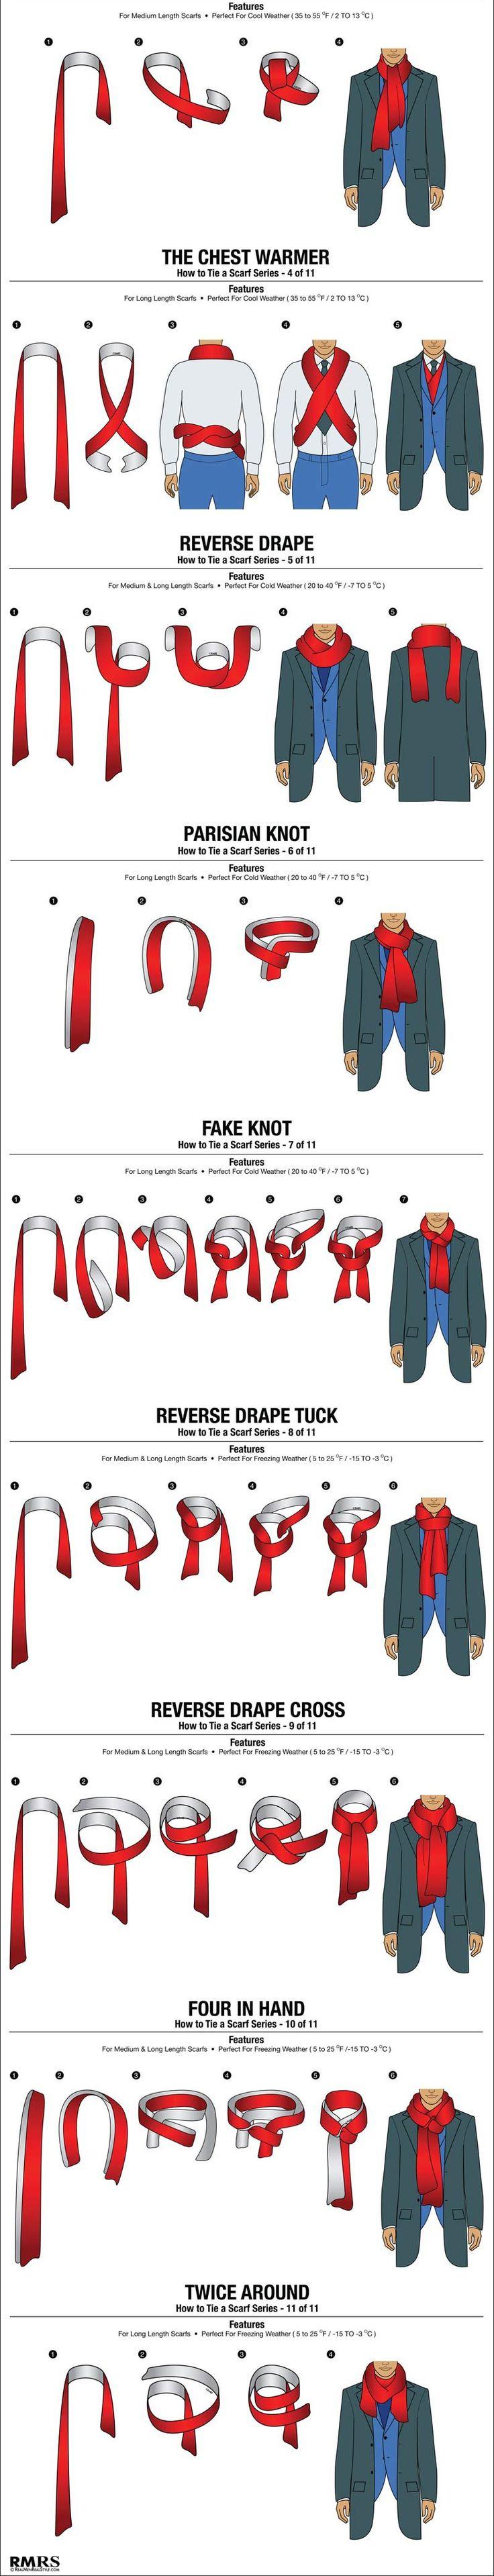 11 façons de faire un nœud d'écharpe. Conseil en image de soi, style vestimentaire masculin, relooking